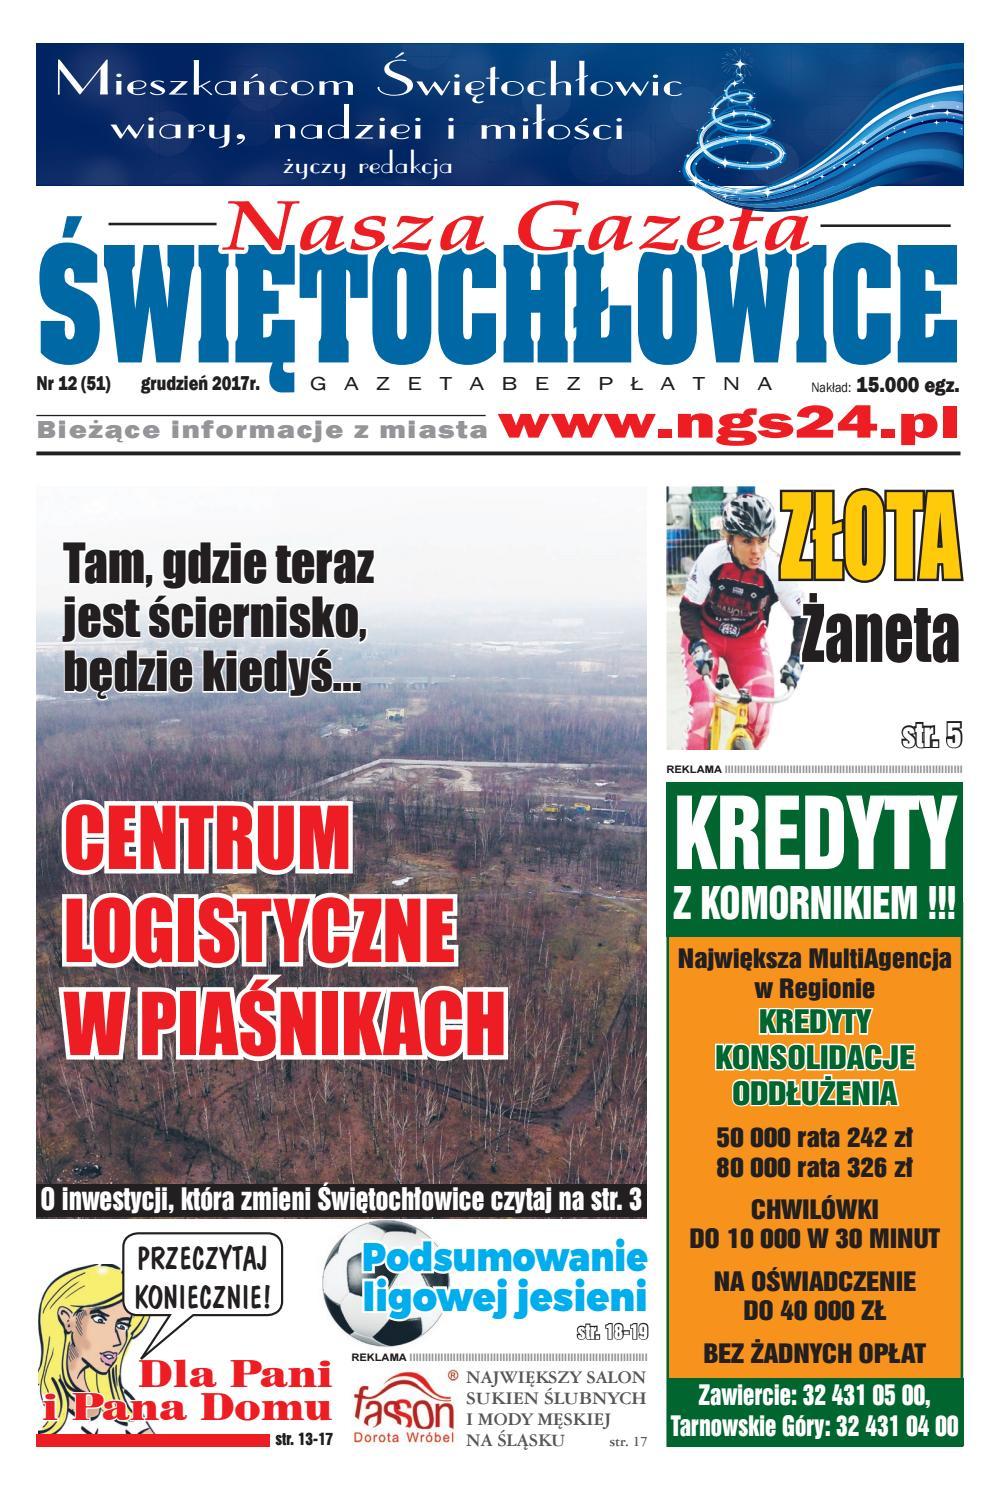 175494cd25102 Nasza Gazeta Świętochłowice nr 51 - 12 2017 by F-PRESS - issuu